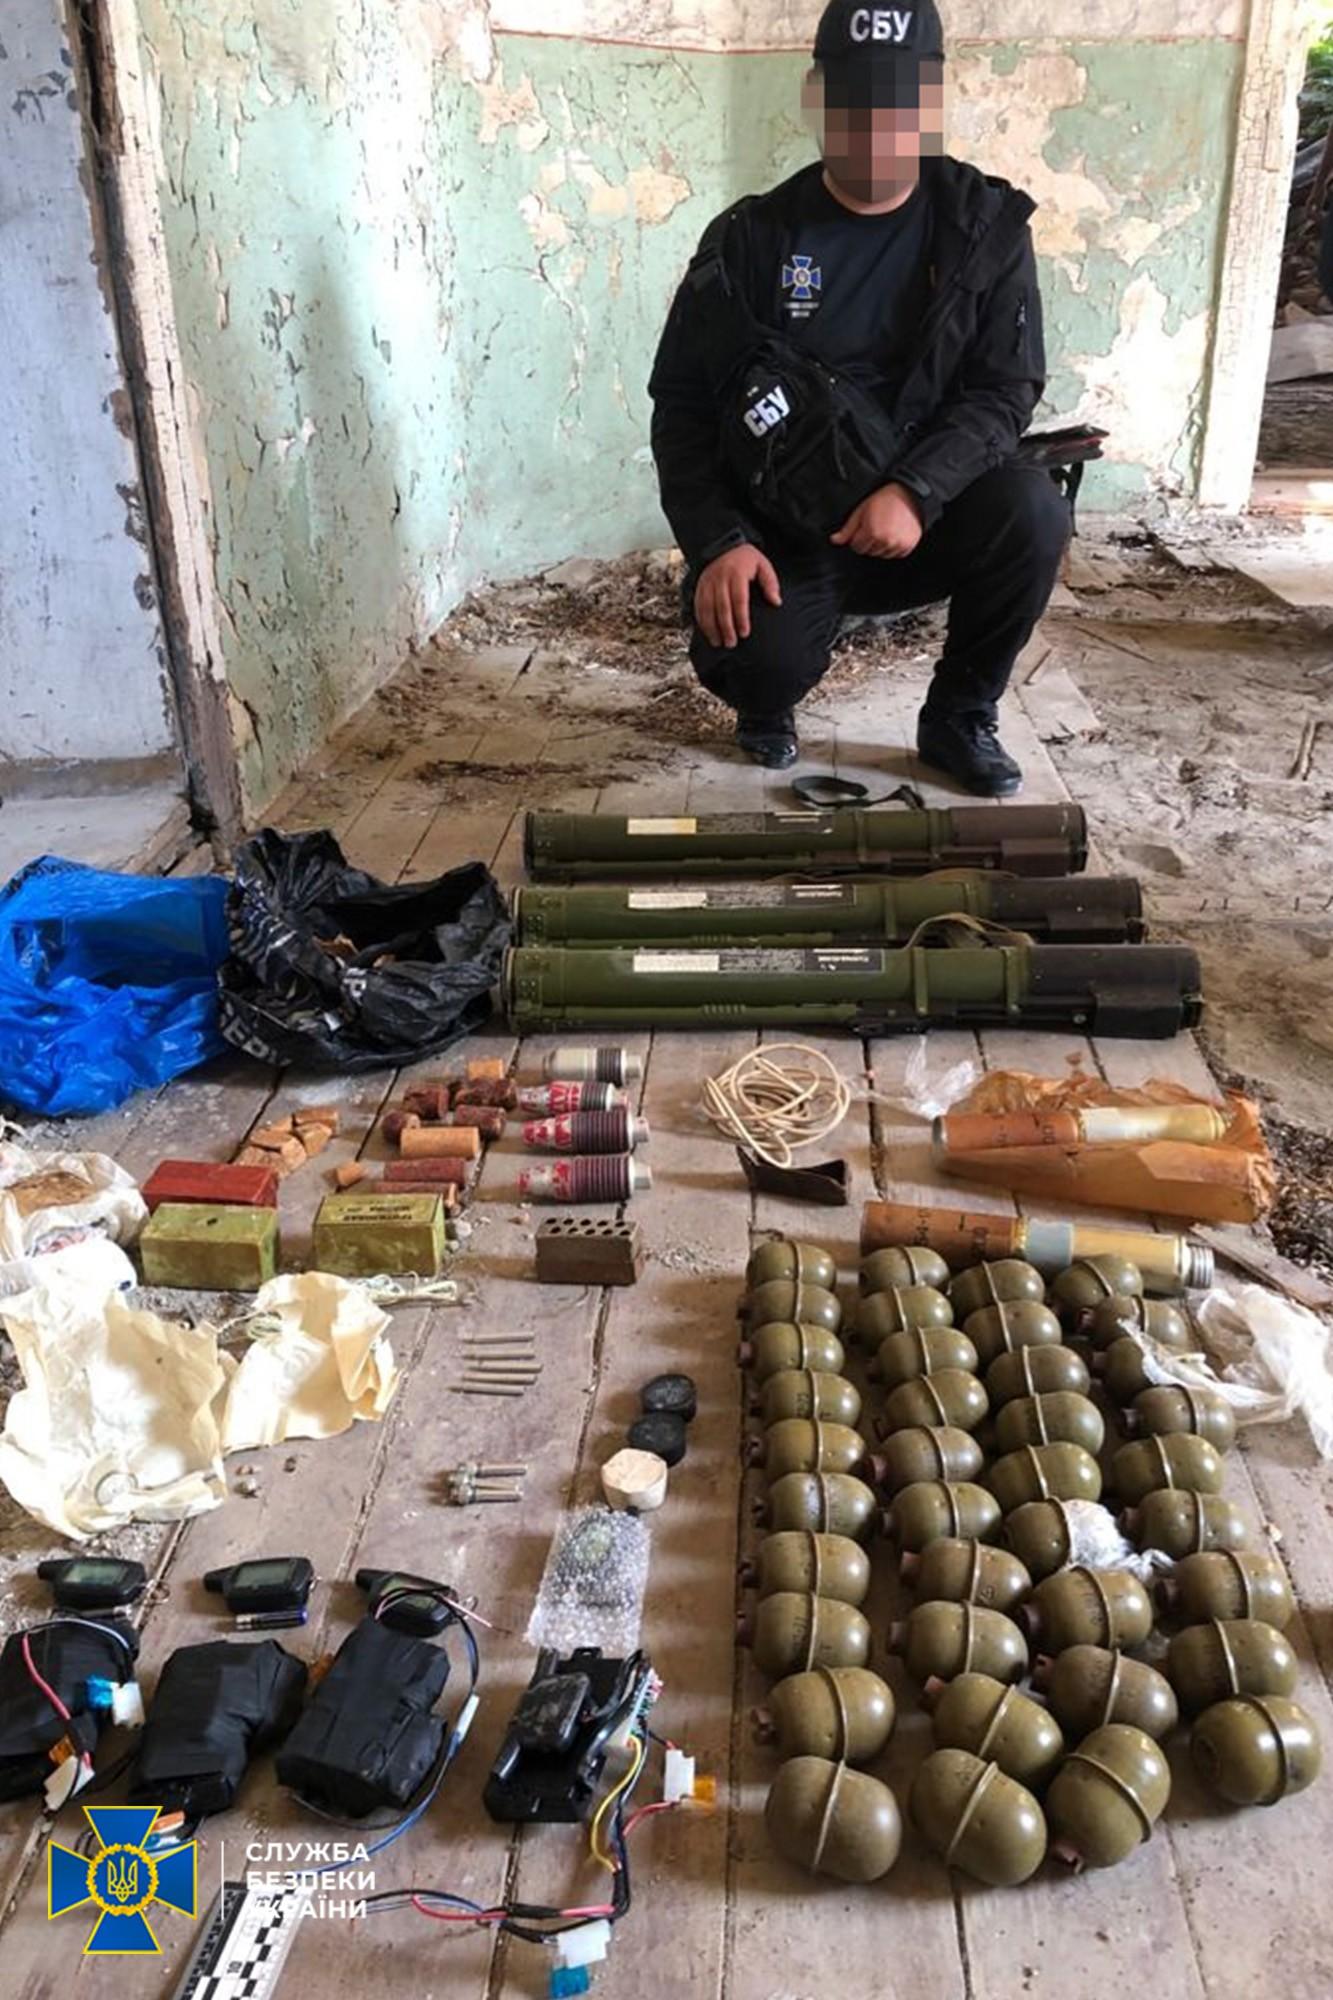 В пограничном районе Закарпатья СБУ обнаружила тайник с взрывчаткой